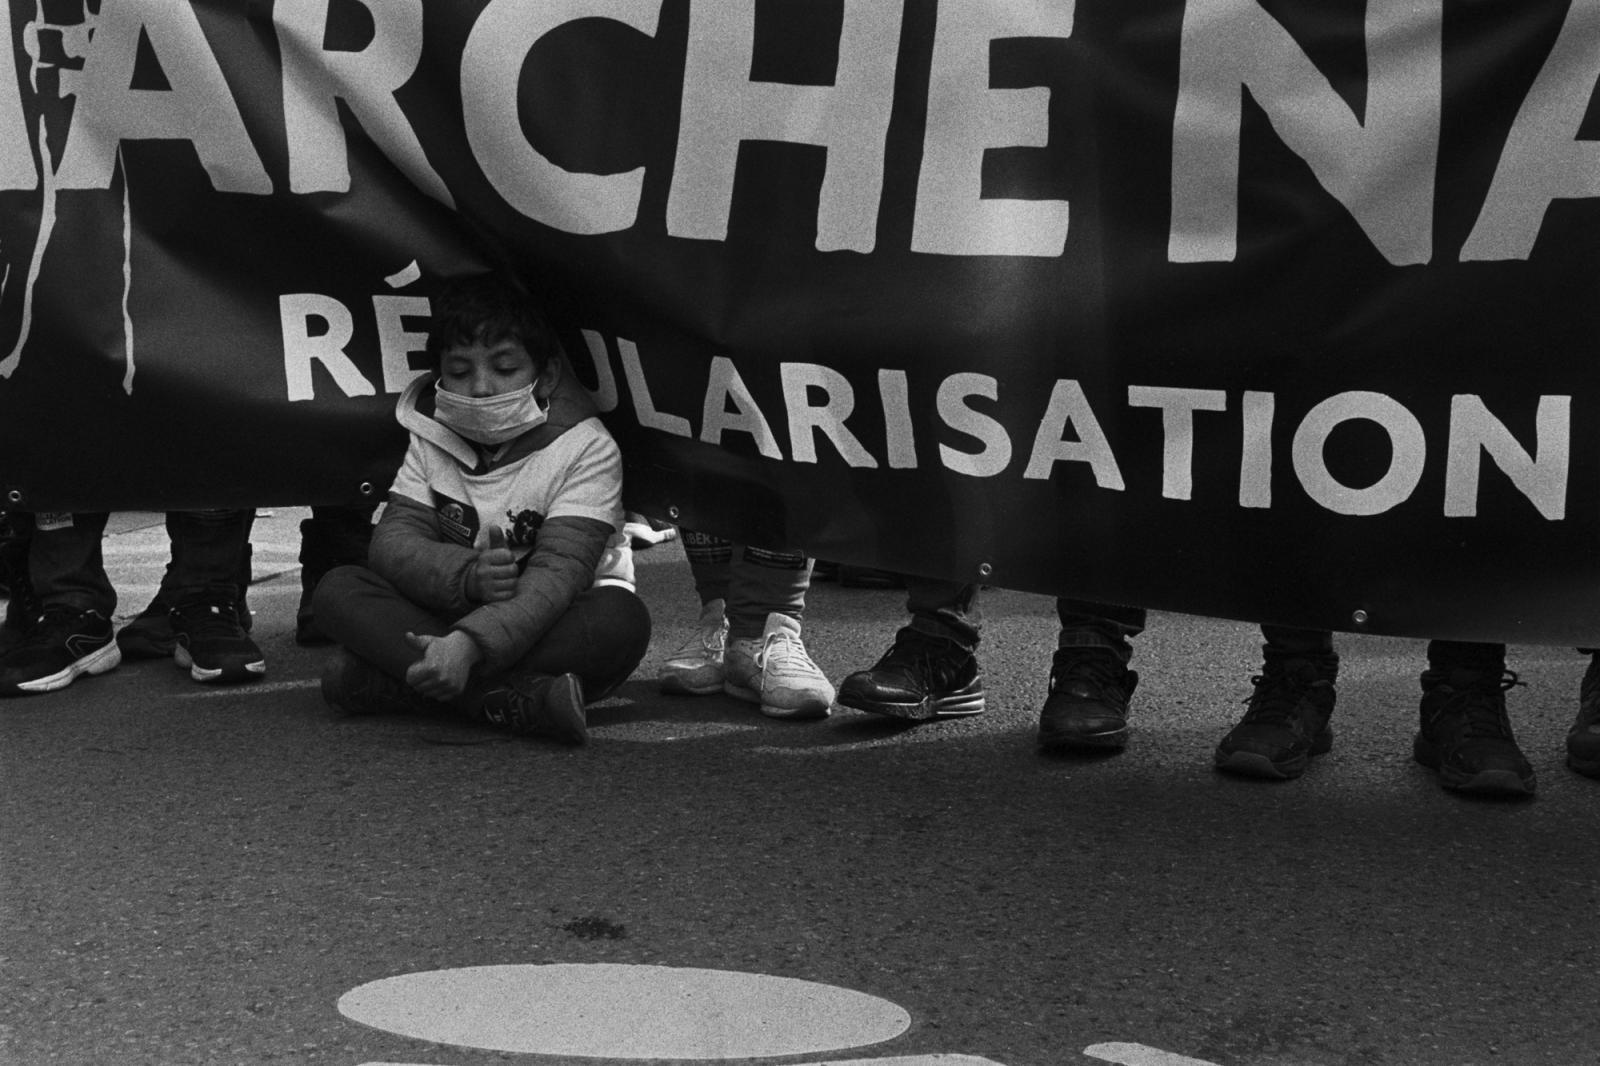 Manifestation des sans-papiers le samedi 17 Octobre 2020. Les manifestants viennent de la France entière. Ils se sont regroupés à Place de la République à 14h après leur longue marche qui a commencé le 19 Septembre 2020, il réclamé leurs régularisation .Un enfant assit sur la route à côté d'une banderole .